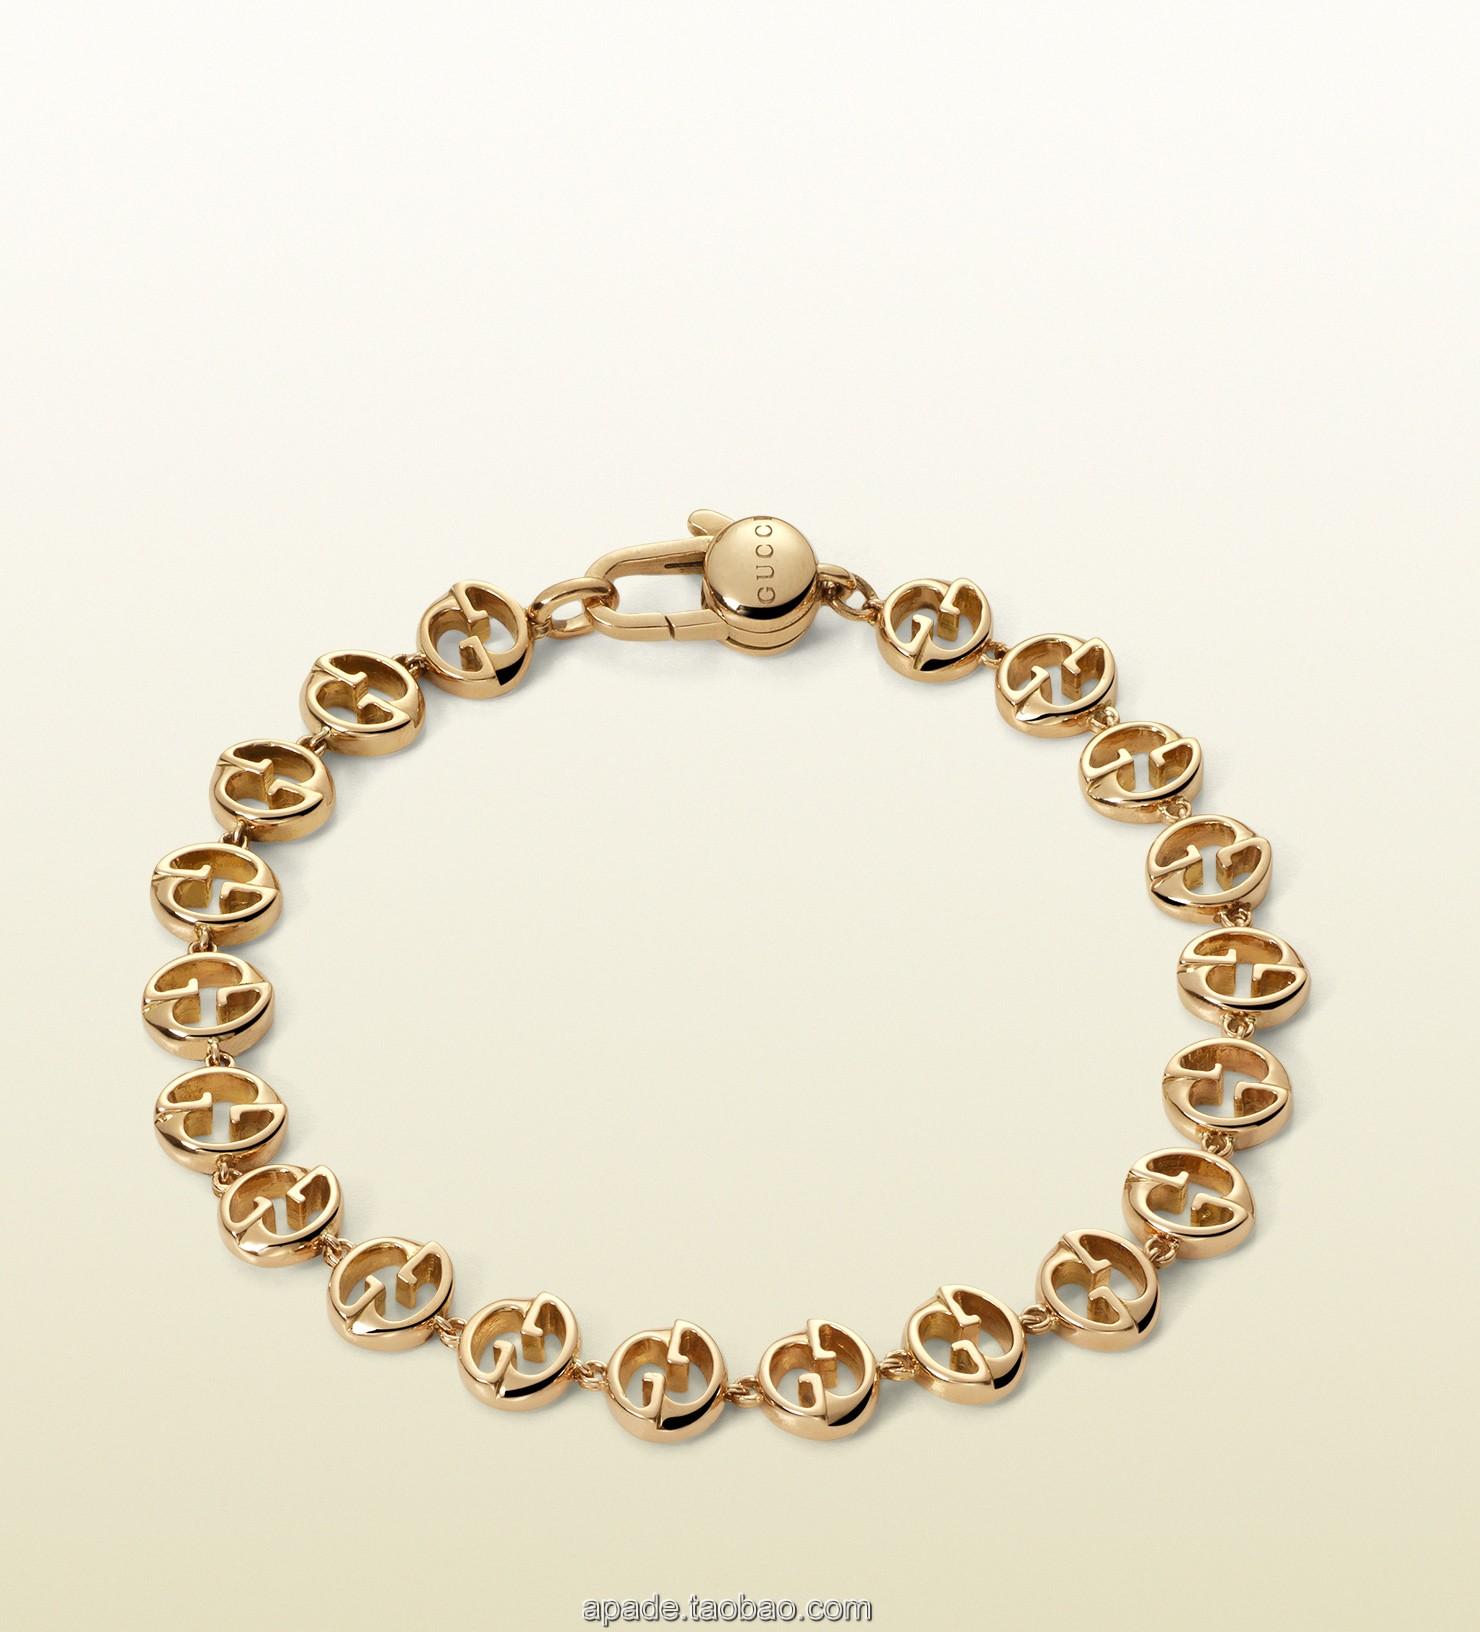 代购Gucci古奇新款女款/gucci 1973 黄金手链 325828 J8500 8000